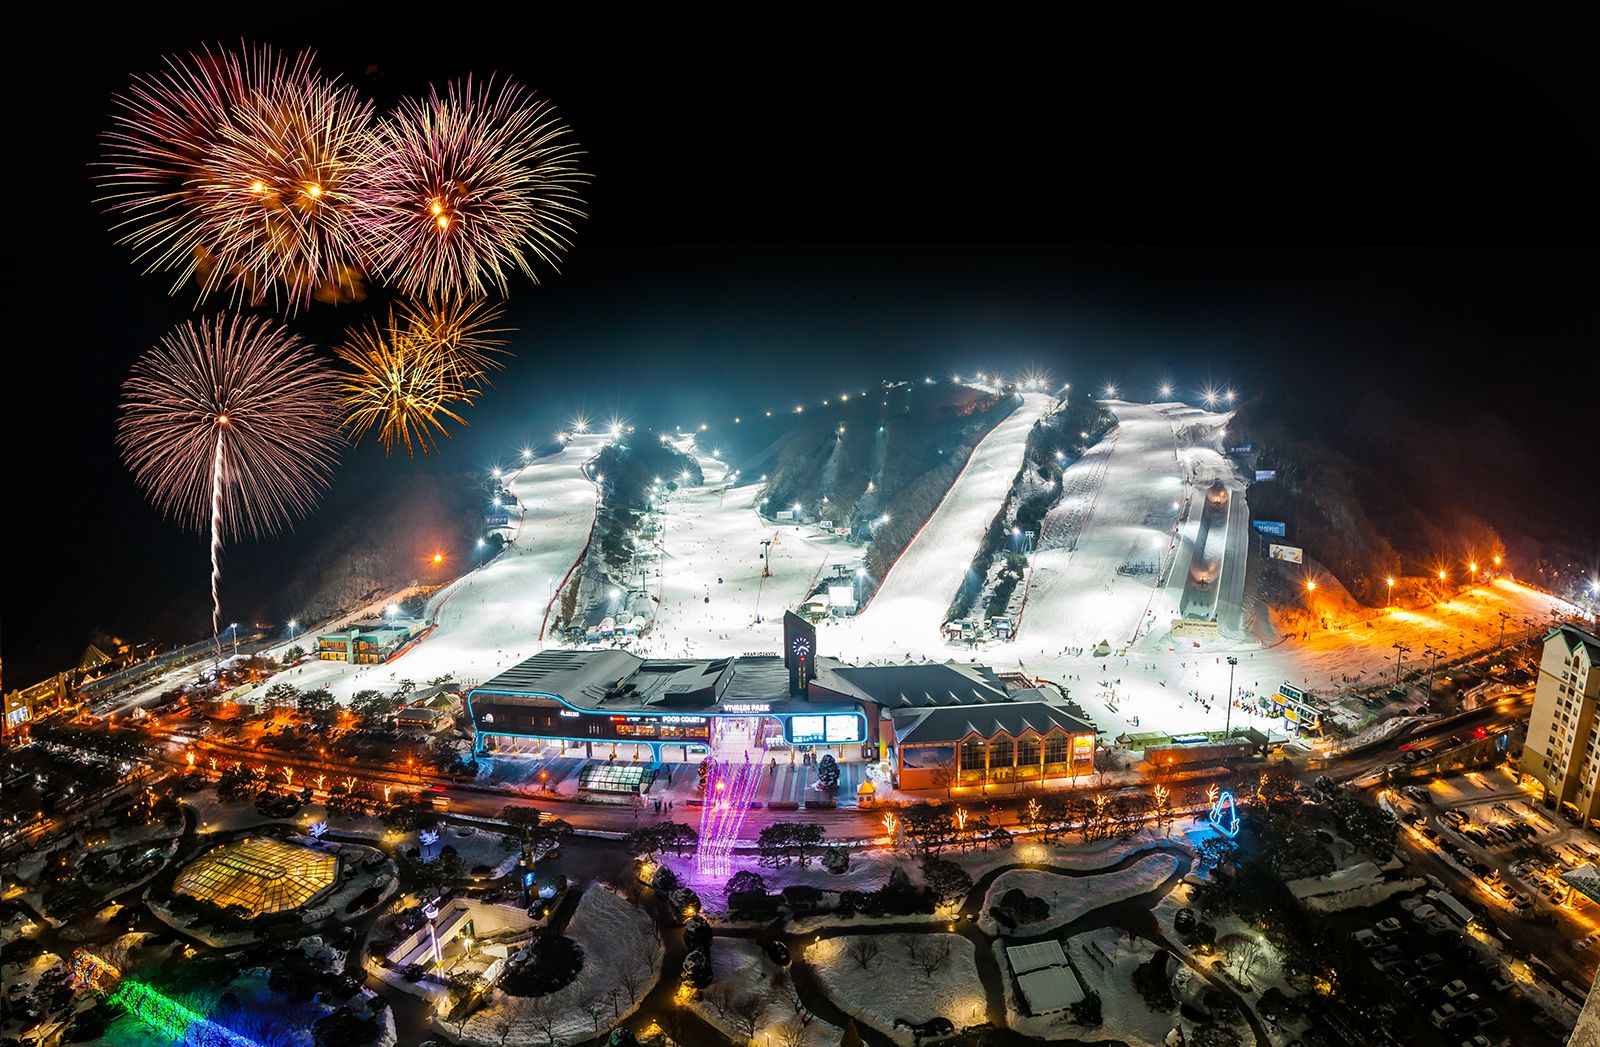 비발디파크 스키월드의 밤은 낮보다 화려하다. 슬로프는 은빛으로 반짝이고 콘서트·불꽃놀이 등 볼거리가 많아 지루할 틈이 없다. 지난 23일부터 별빛축제도 시작했다.